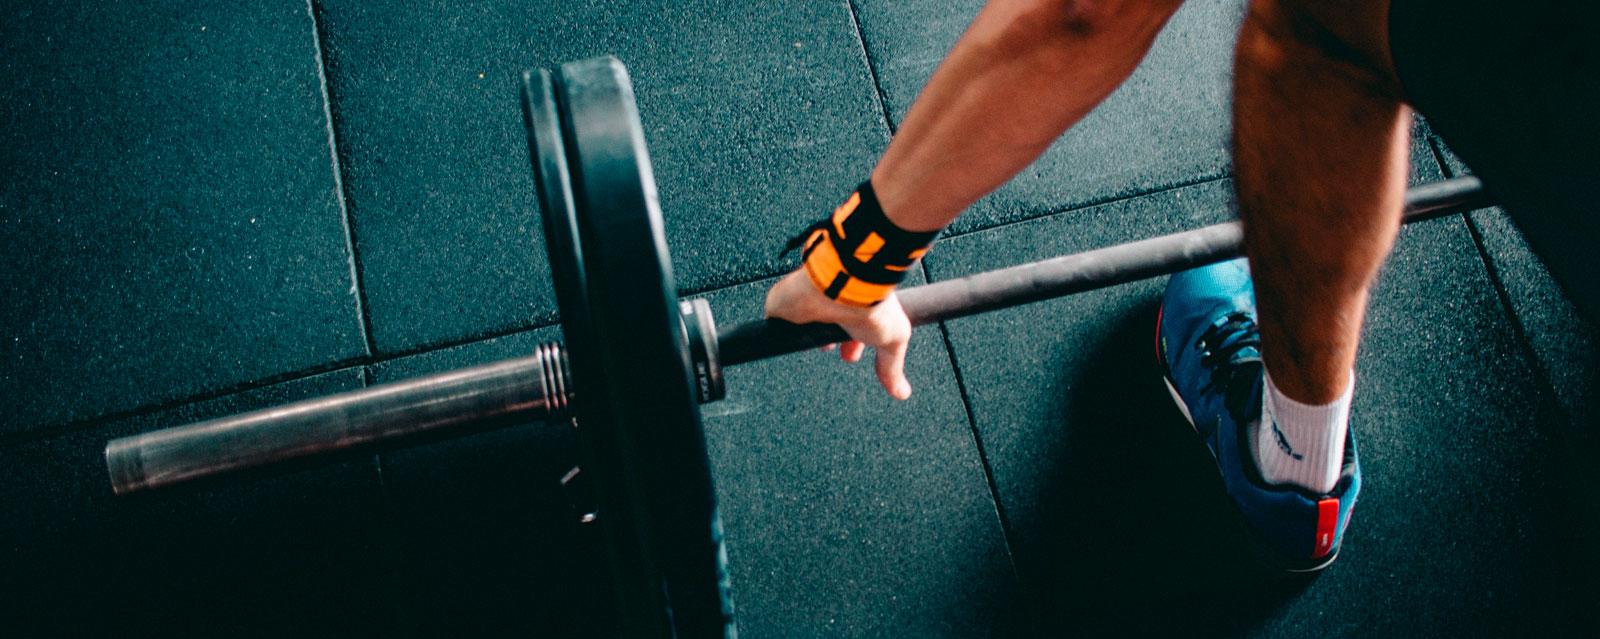 vida fitness y saludable